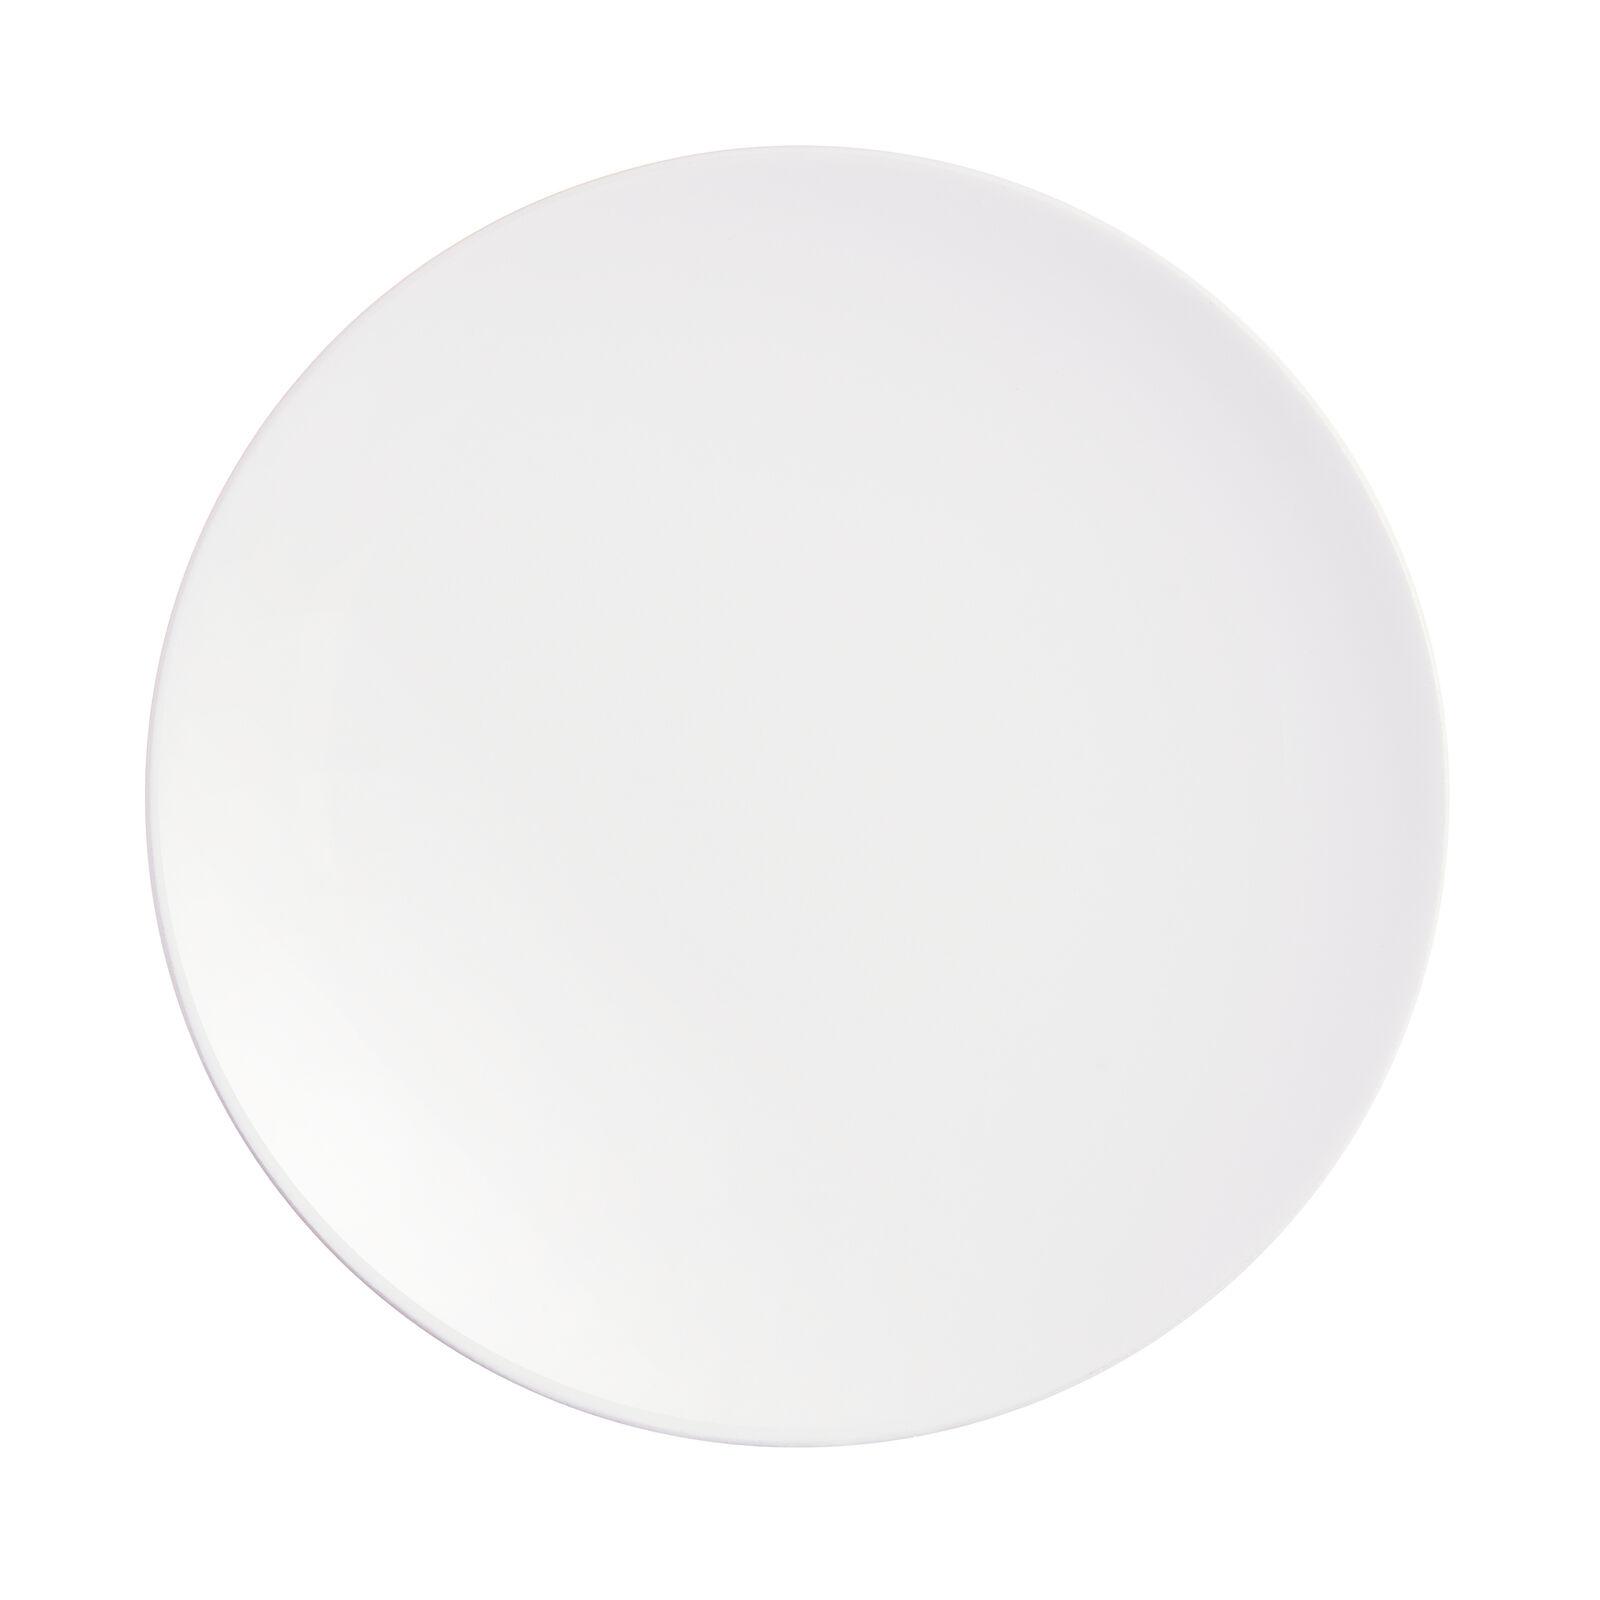 Chef & Sommelier l9643 Eternity assiette plat 28,5 cm Maxima PORCELAINE BLANC 6 St